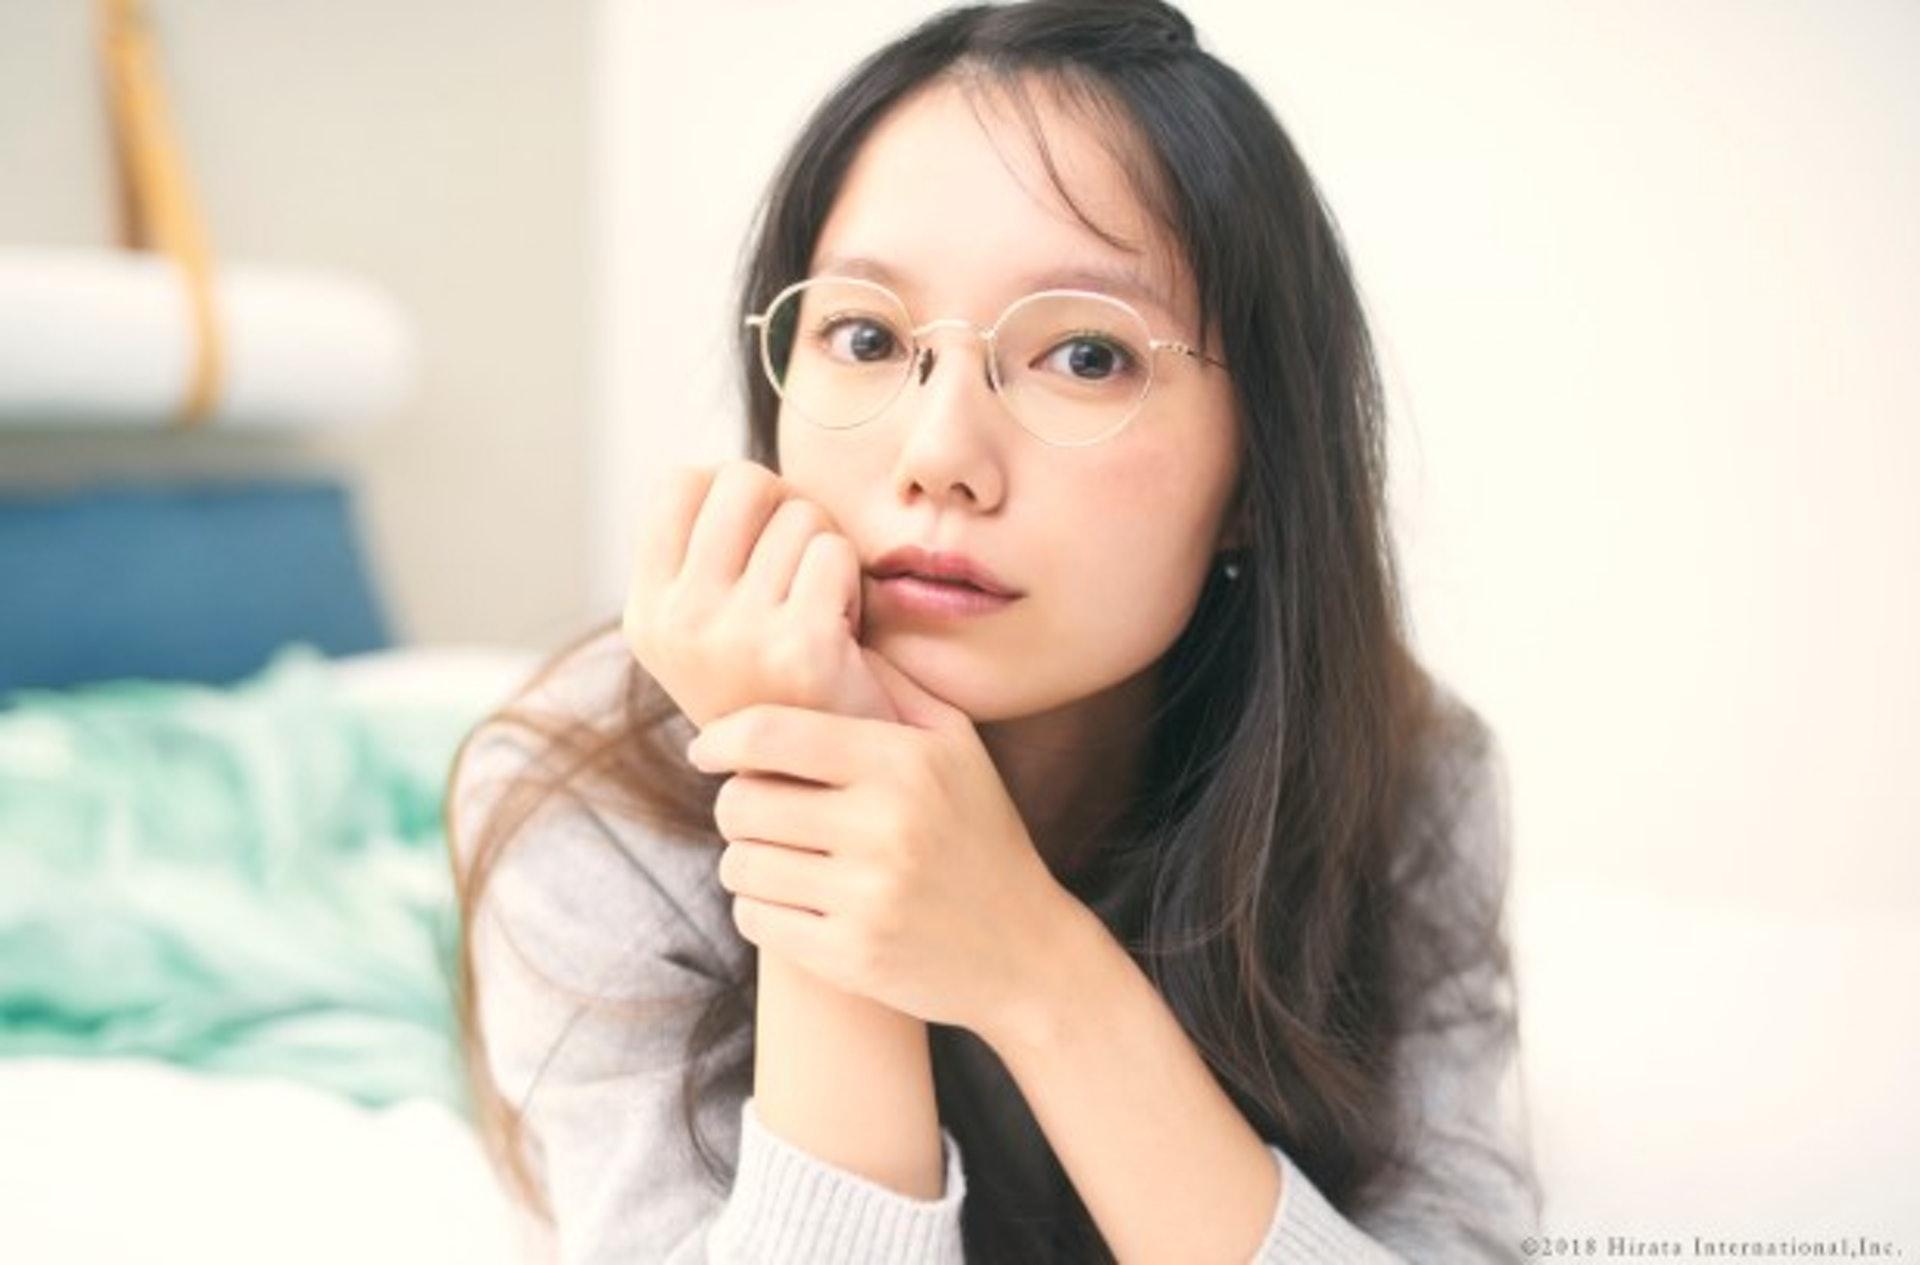 宮崎葵是日本知名的演員,年紀輕輕的她便已經入圍日本電影金像獎最佳女主角三次,不過今年只有34歲的她便已經結過兩次婚了。當時日本傳媒報道她與日本傑尼斯團體「V6」成員岡田准一秘戀6年消息引起了大眾的嘩然。 (aoimiyazaki_jp)